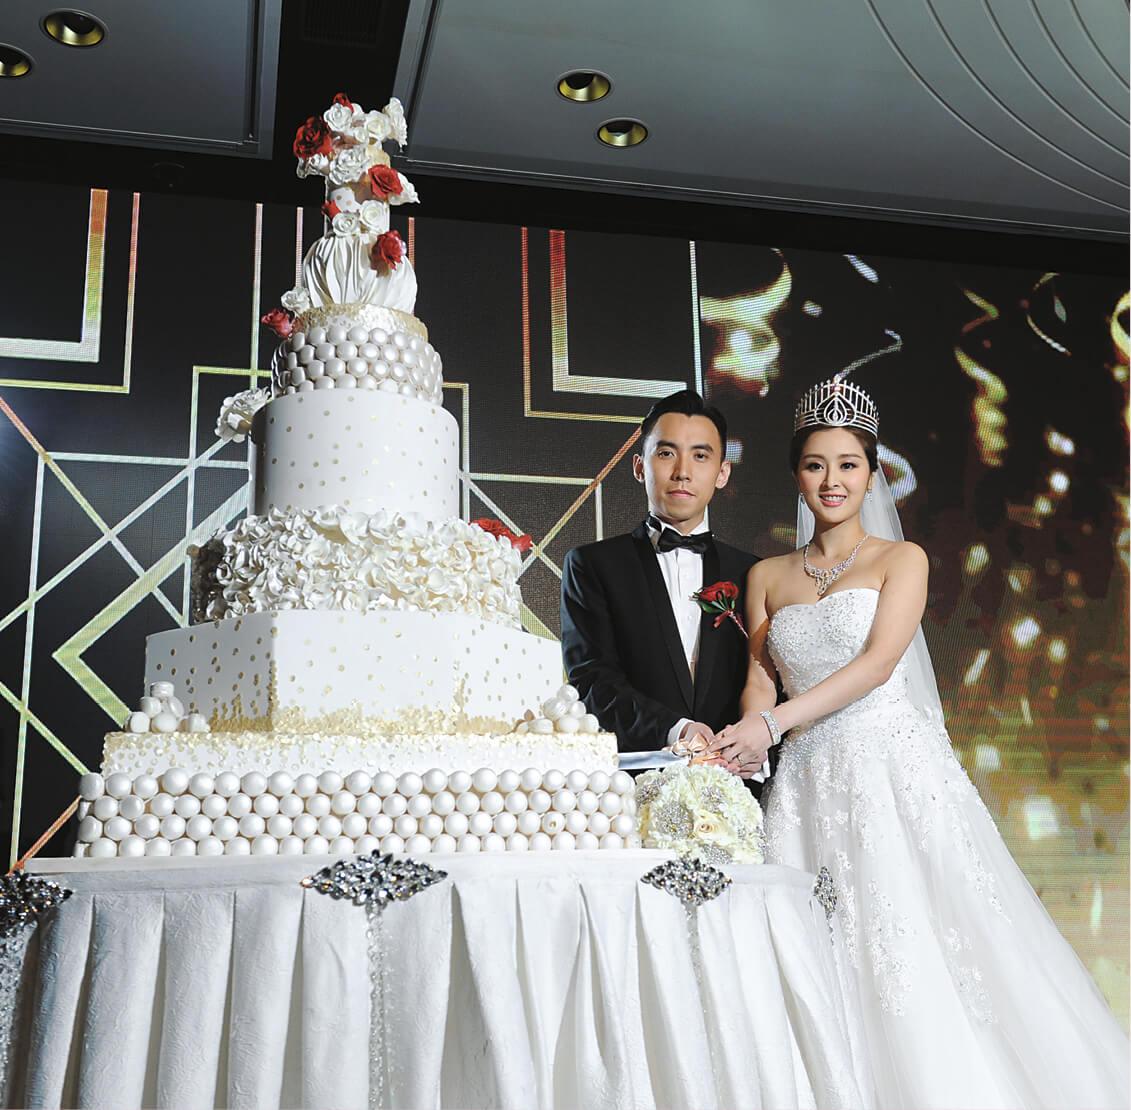 張名雅於2016年7月31日,宣布與拍拖1年半任職律師的男友蔡錦豪結婚,在9月9日正式下嫁。